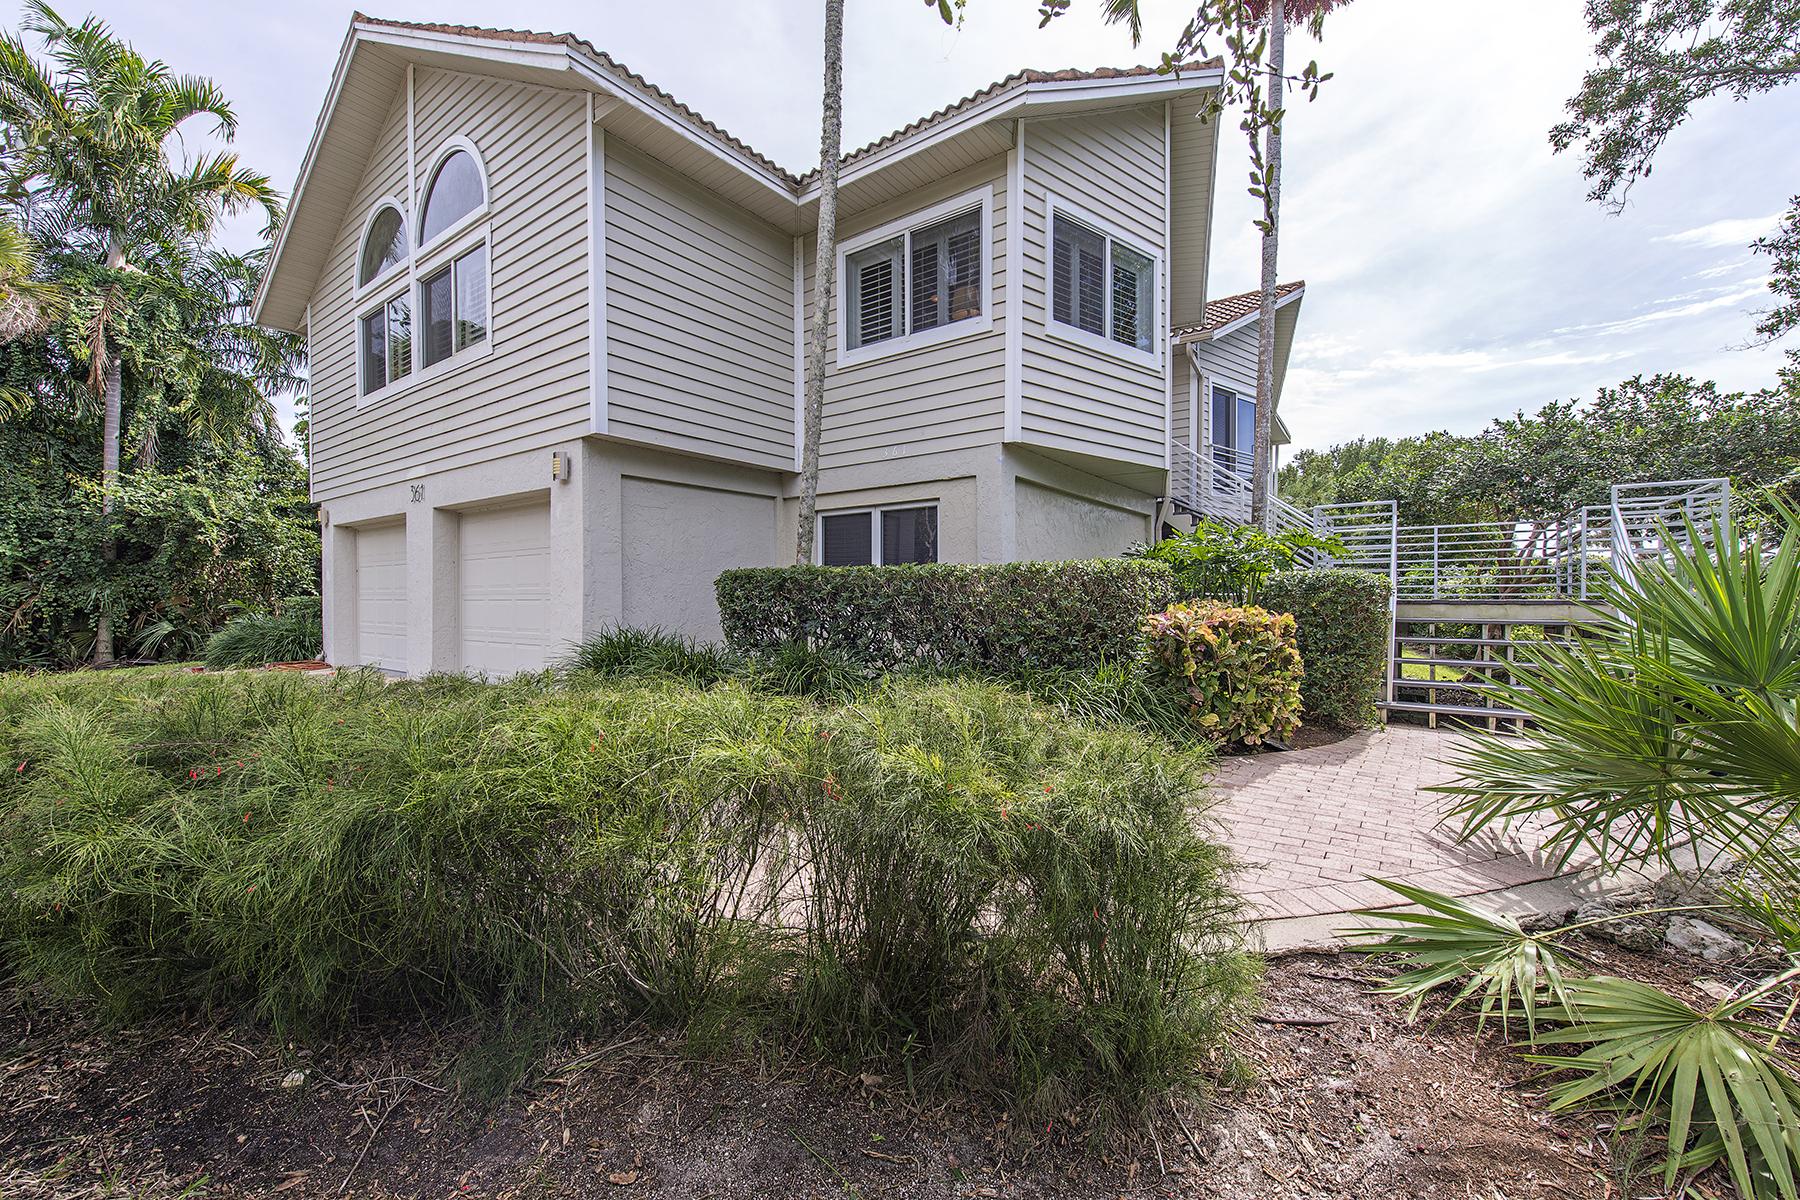 Casa para uma família para Venda às MARCO ISLAN D- HIDEAWAY BEACH 361 Wild Coffee Ln Marco Island, Florida 34145 Estados Unidos